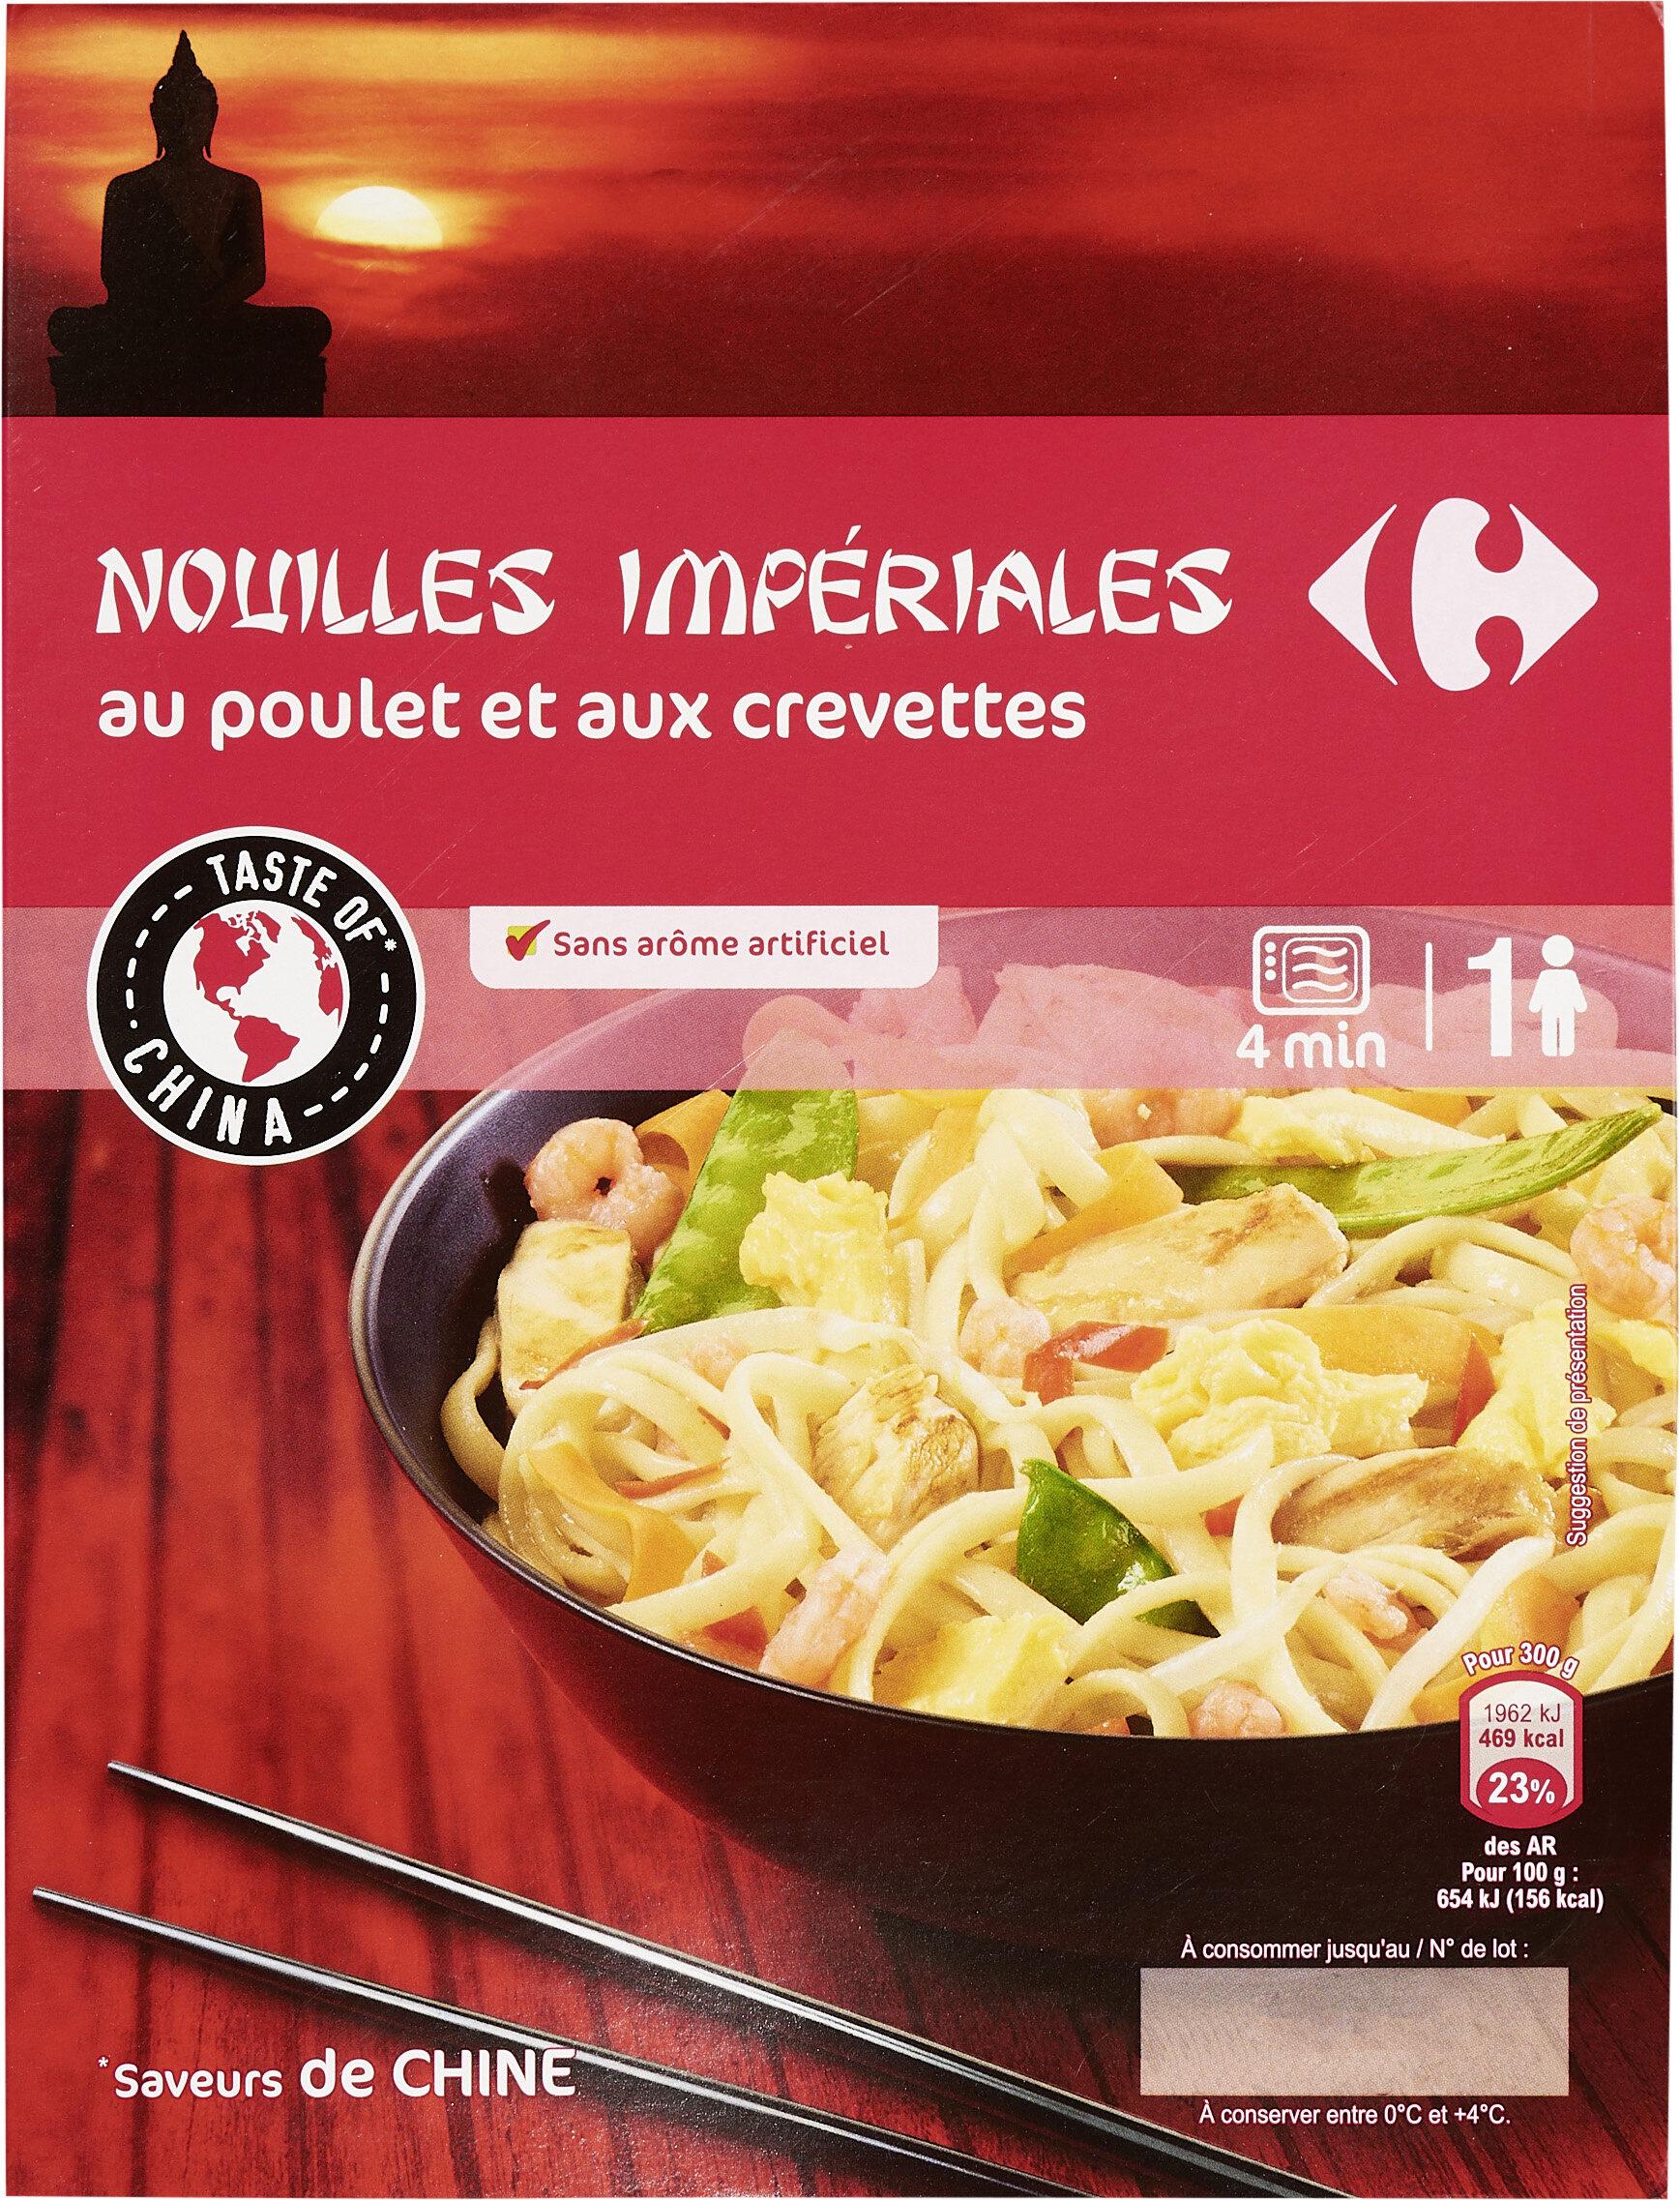 Nouilles impériales au poulet et aux crevettes - Prodotto - fr